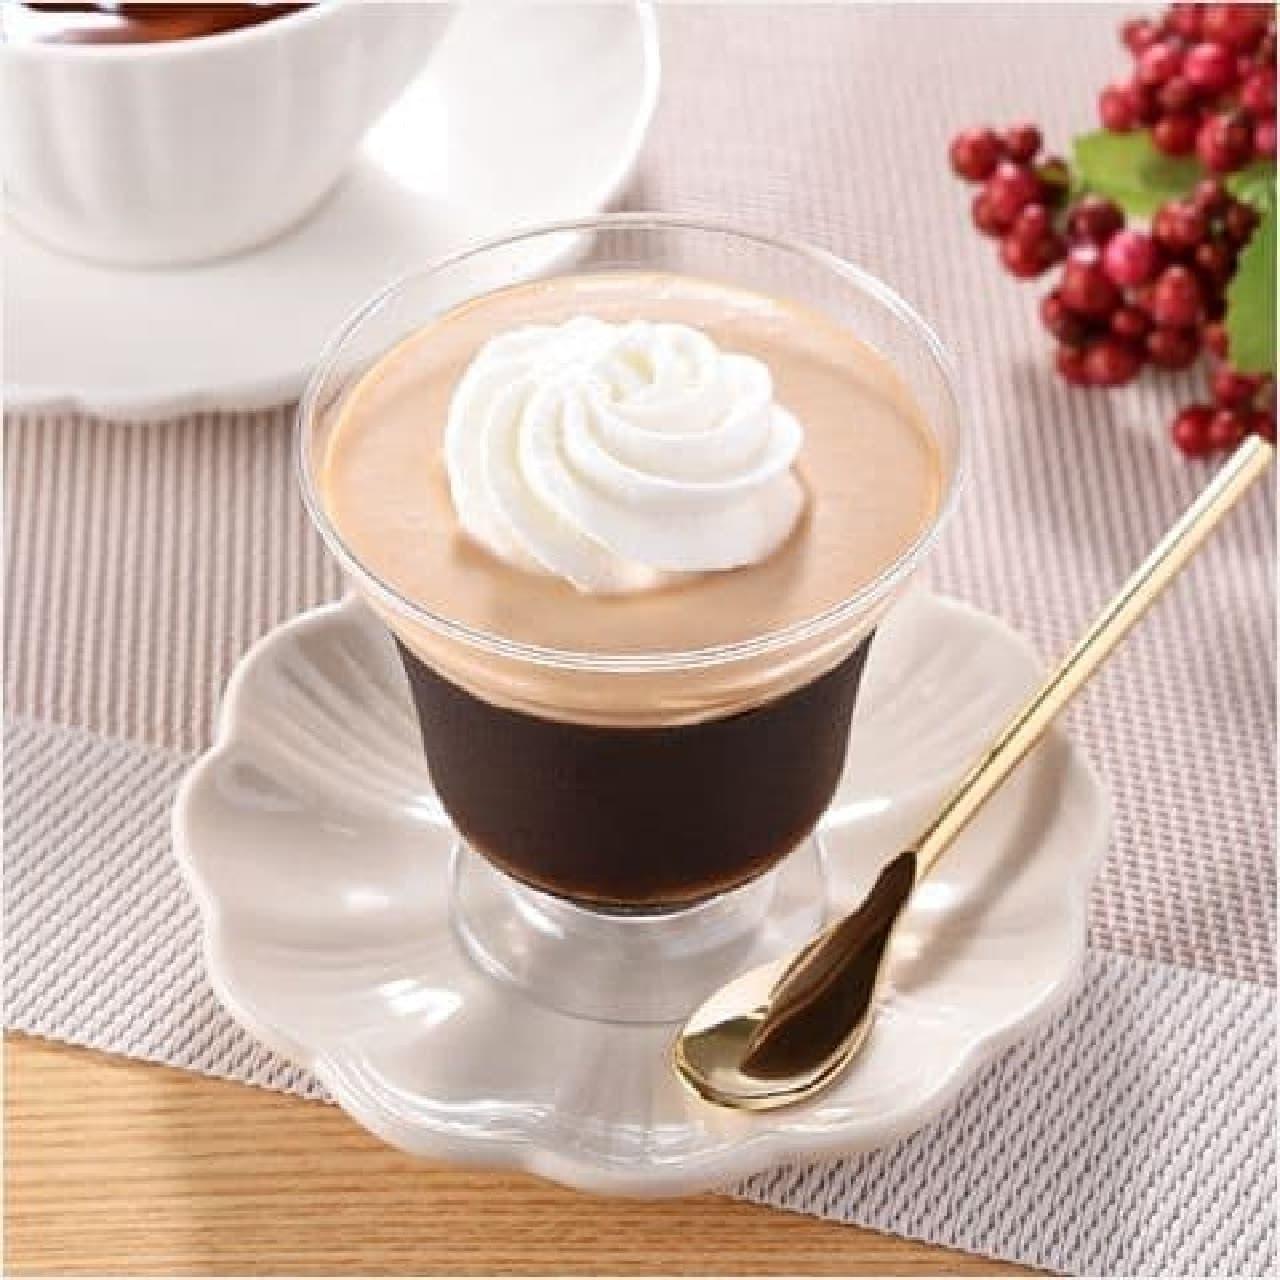 ファミリーマート「深煎りコーヒーゼリー」